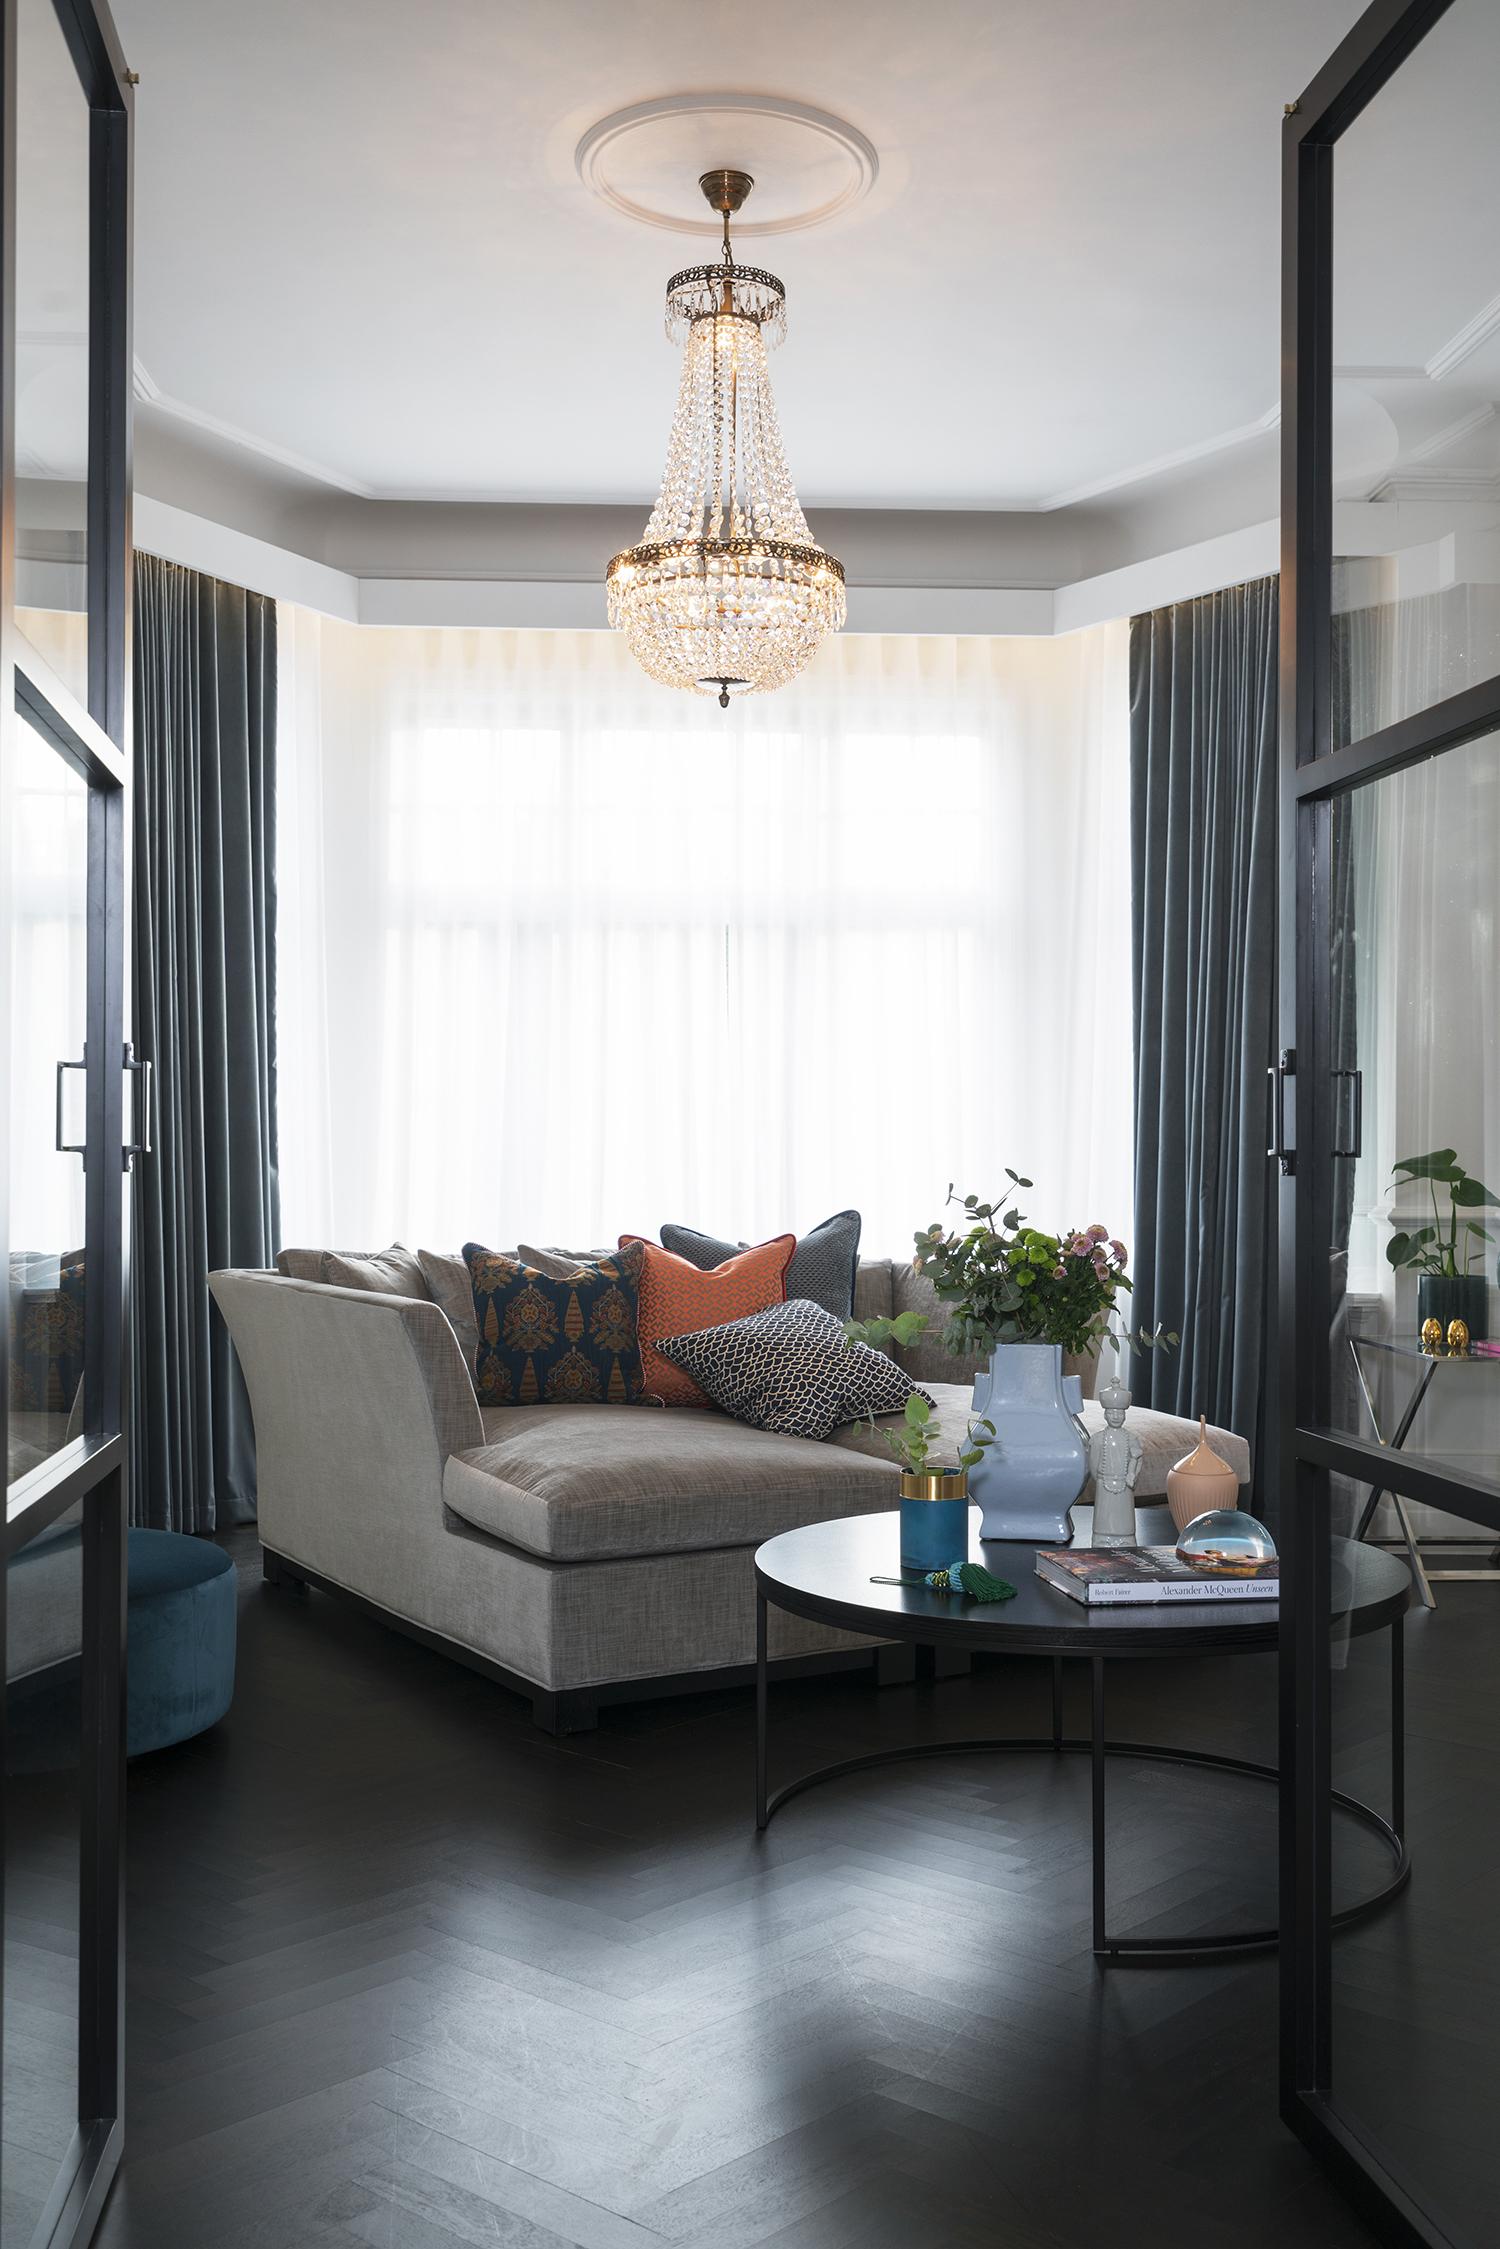 interiør, interiørarkitektur, ramsoskar, ramsøskar, lounge, stue, sofabed, lysekrone